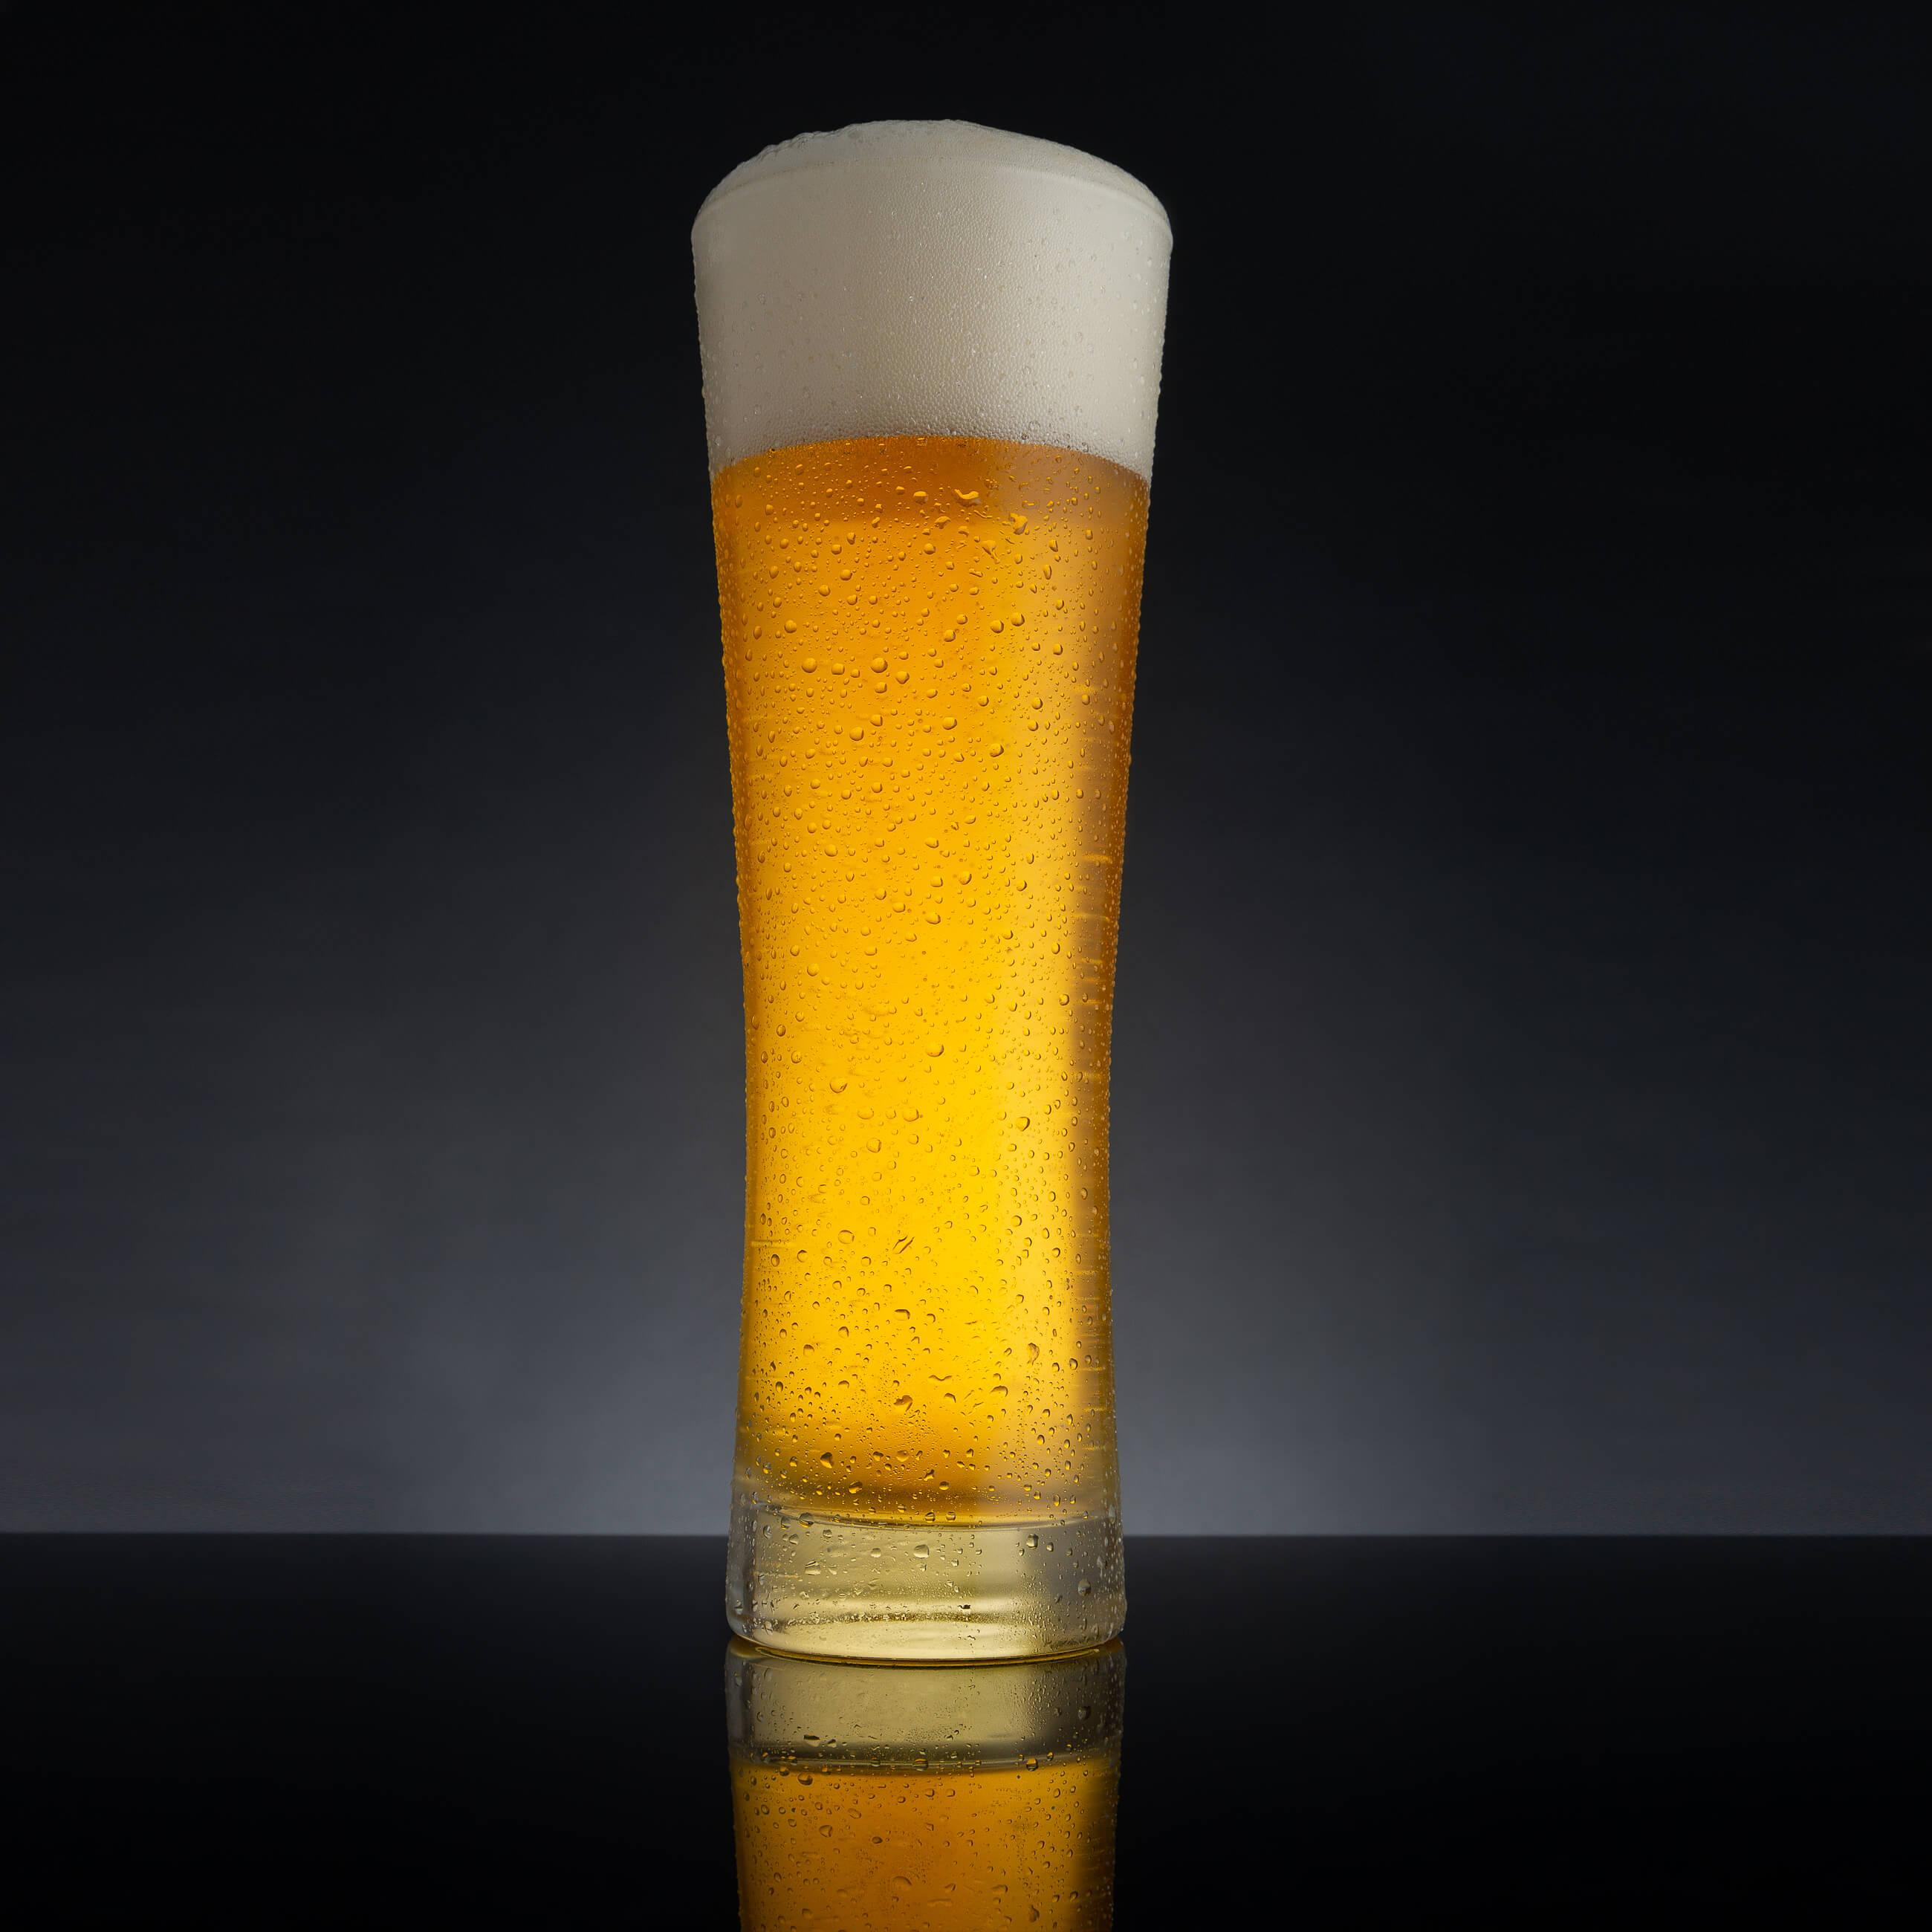 Zdjęcie zmrożonego kufla piwa